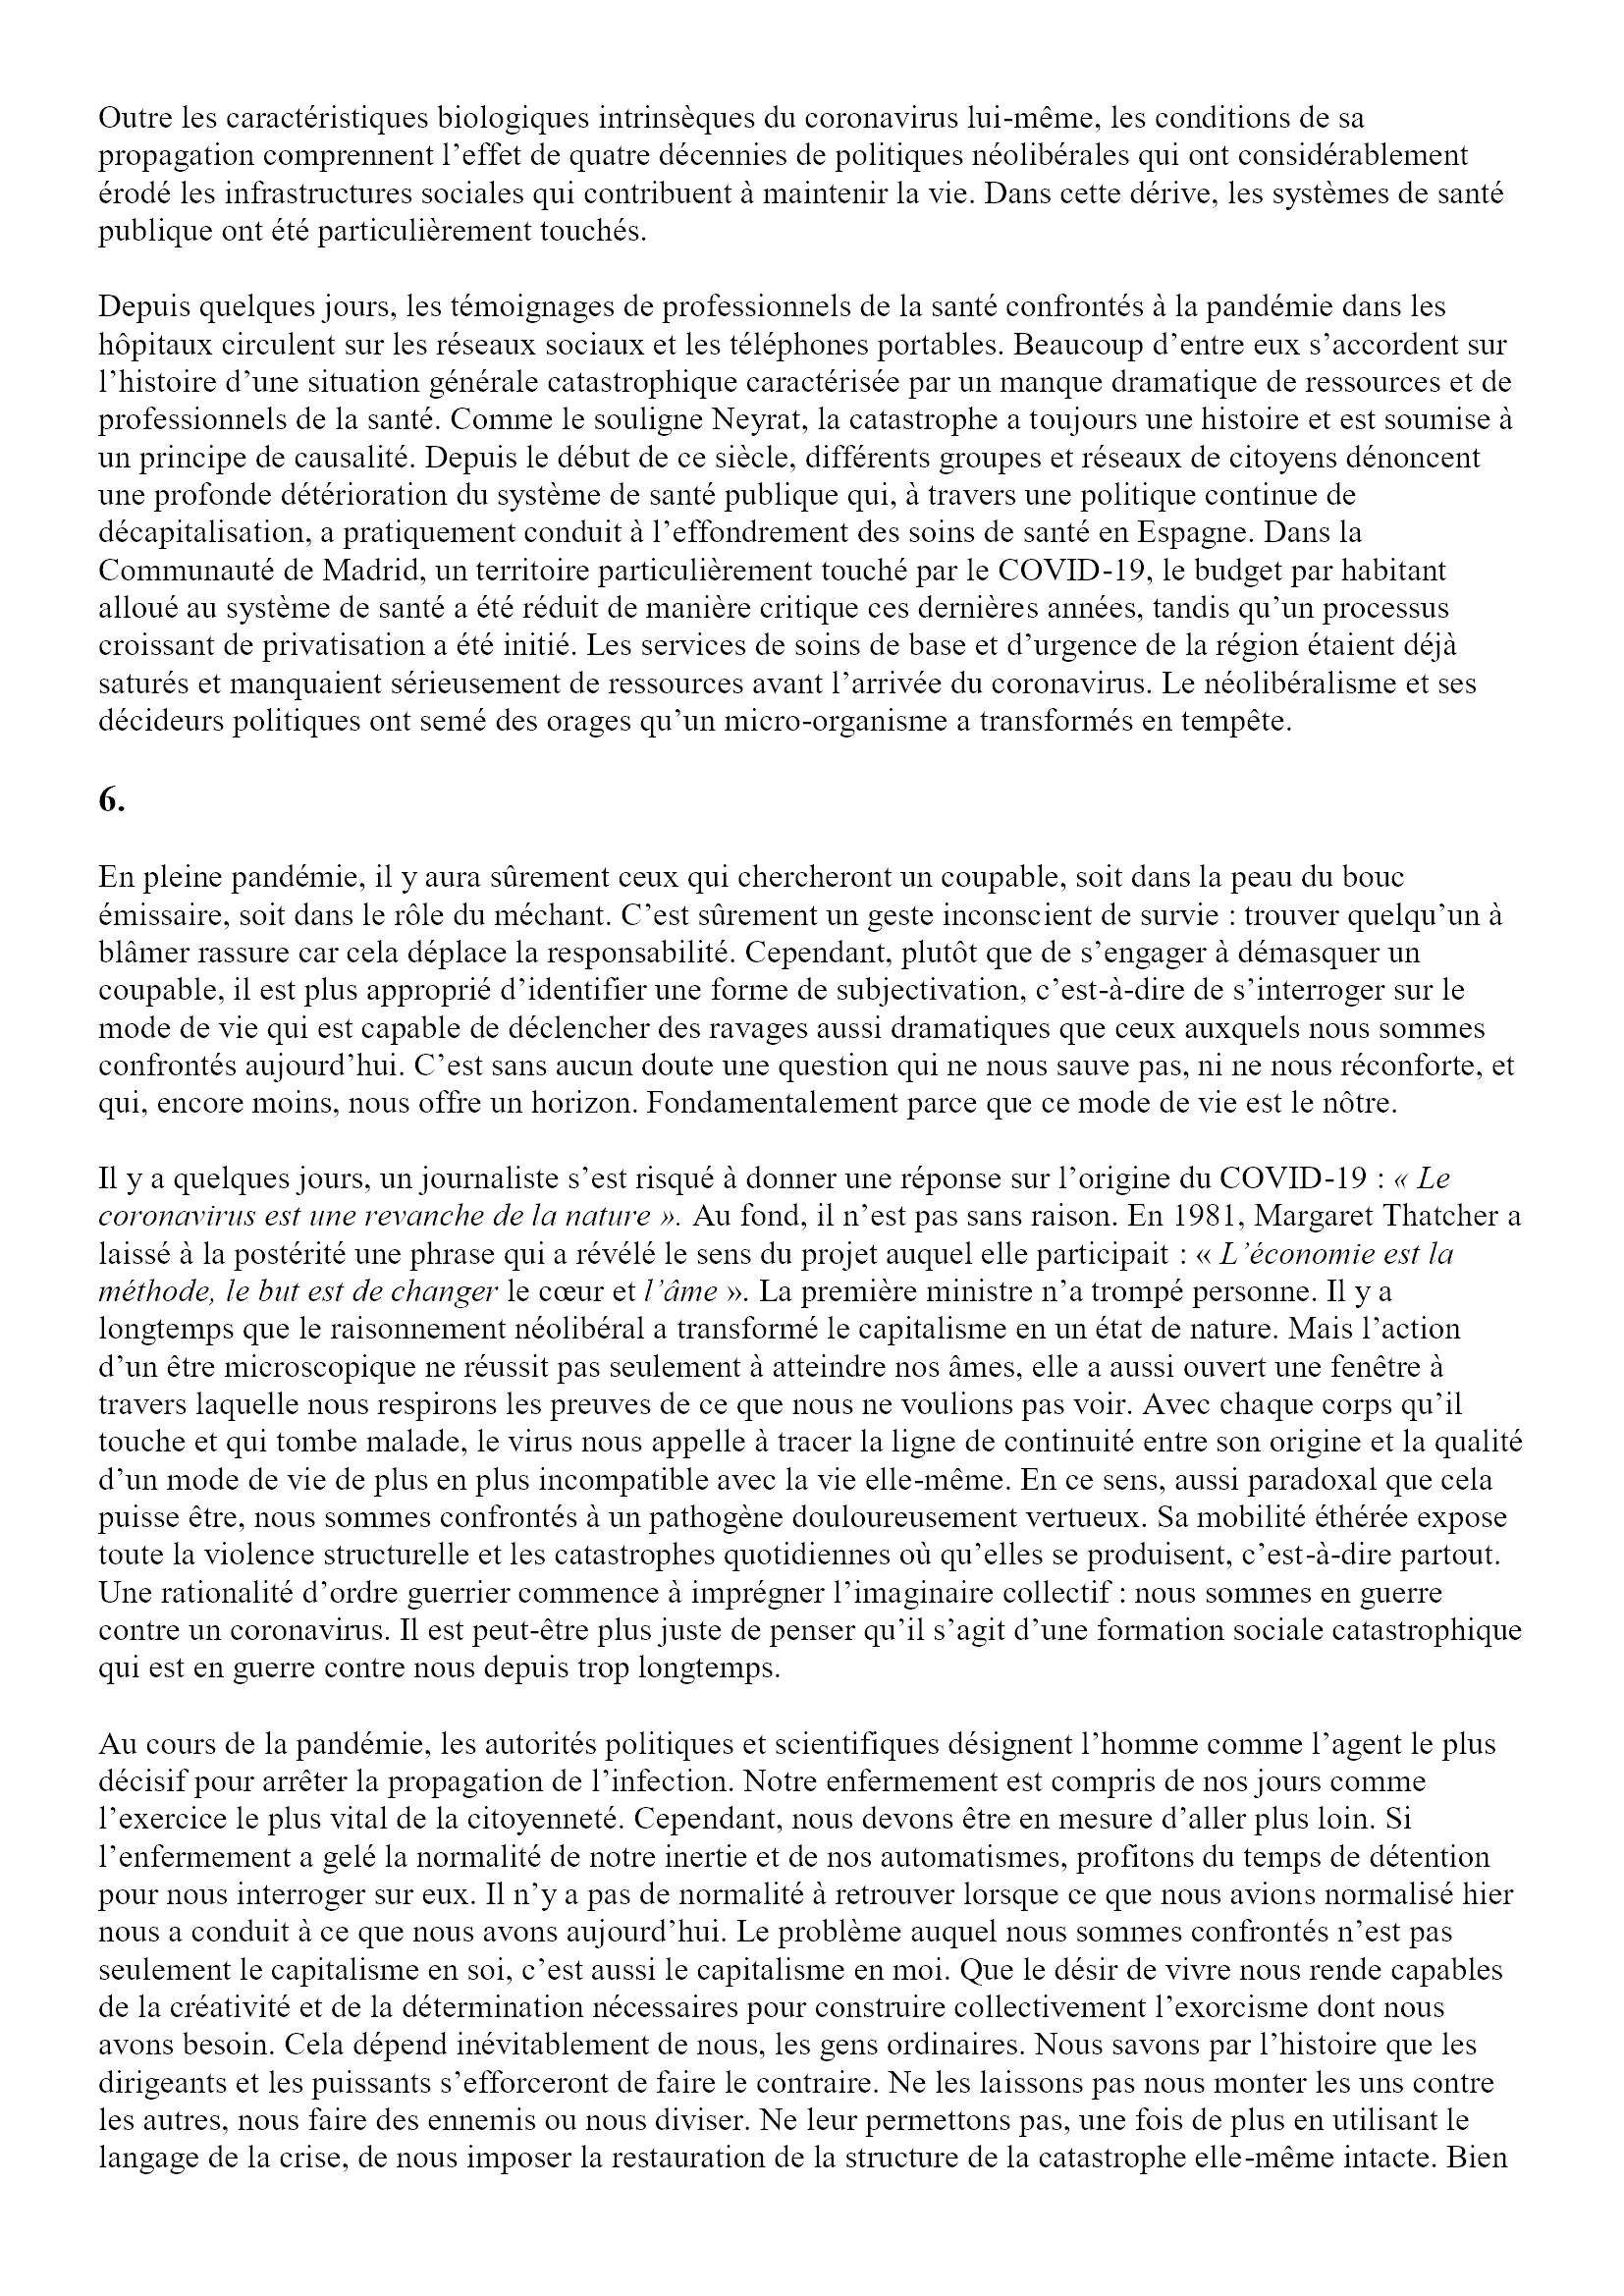 Causalité de la pandémie, caractéristiques de la catastrophe Angel Luis Lara 4x5